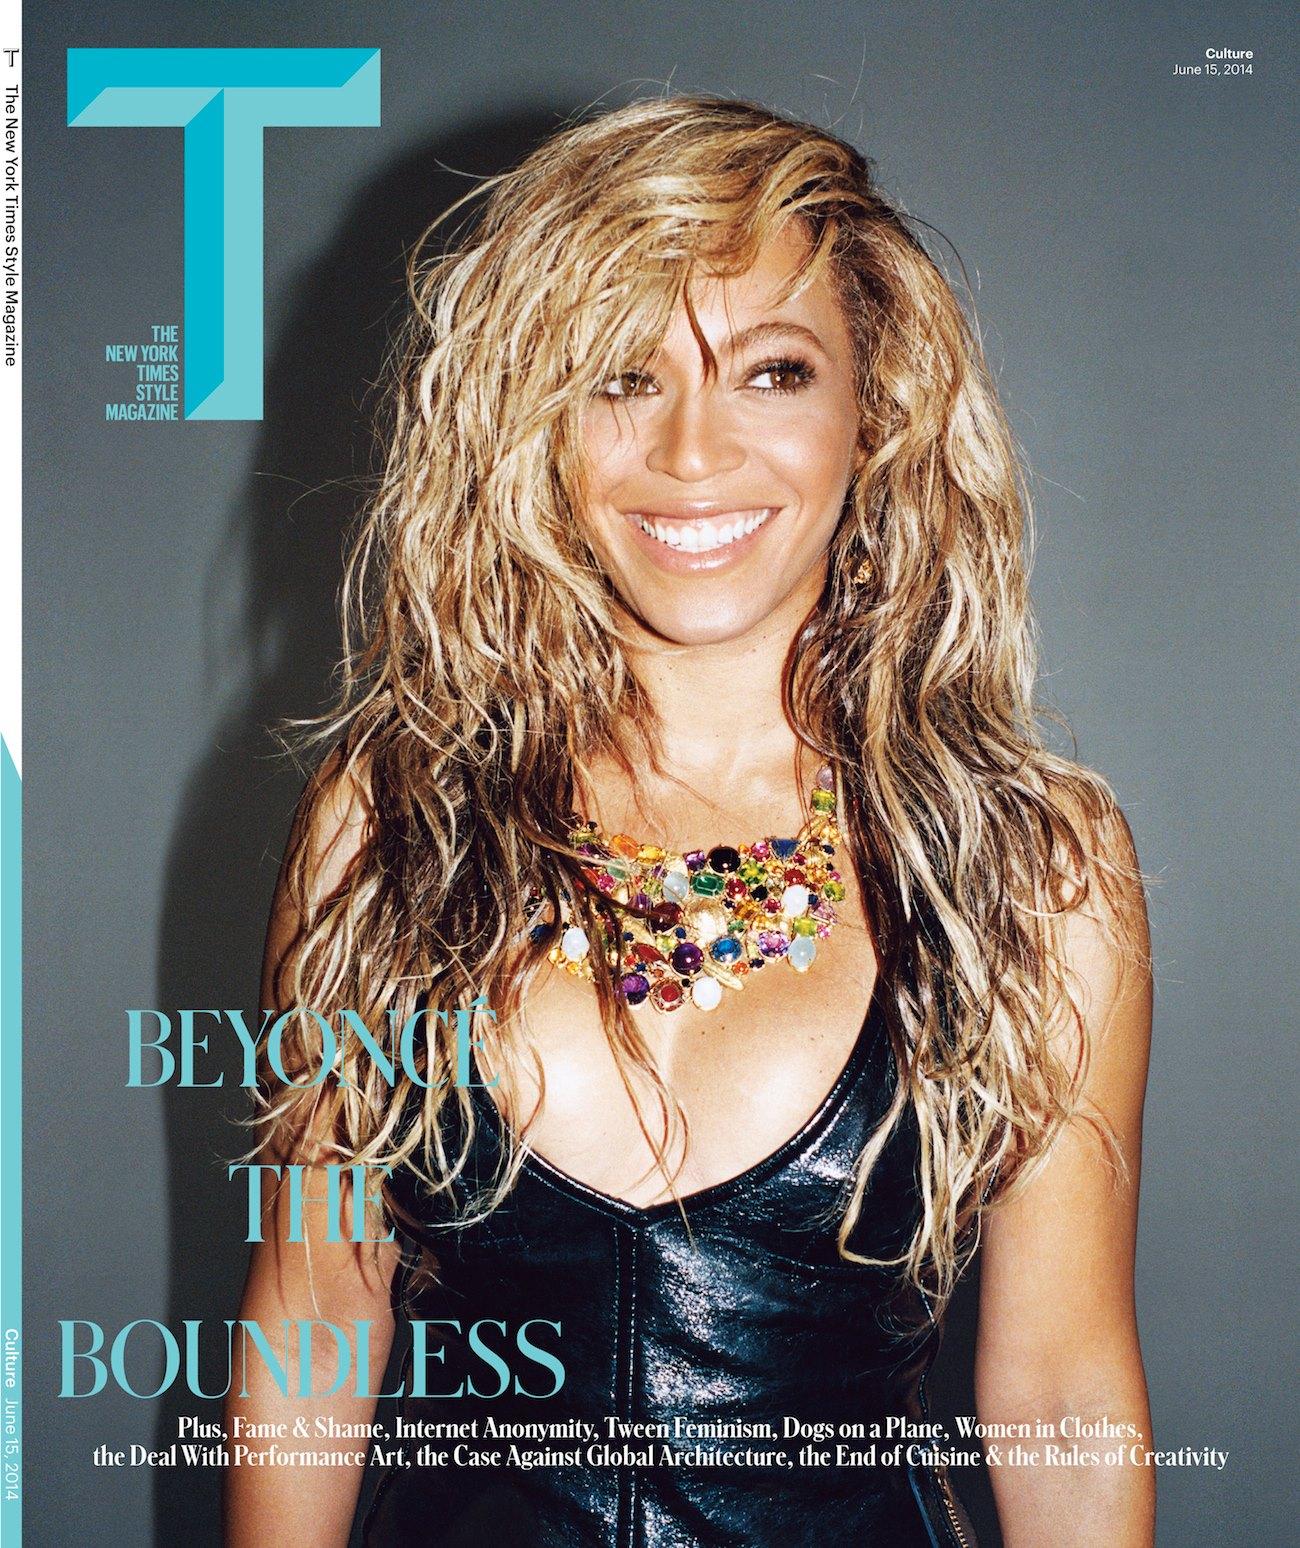 Fotos de Beyoncé > Nuevos Shoots, Campañas, Portadas, etc. - Página 42 001